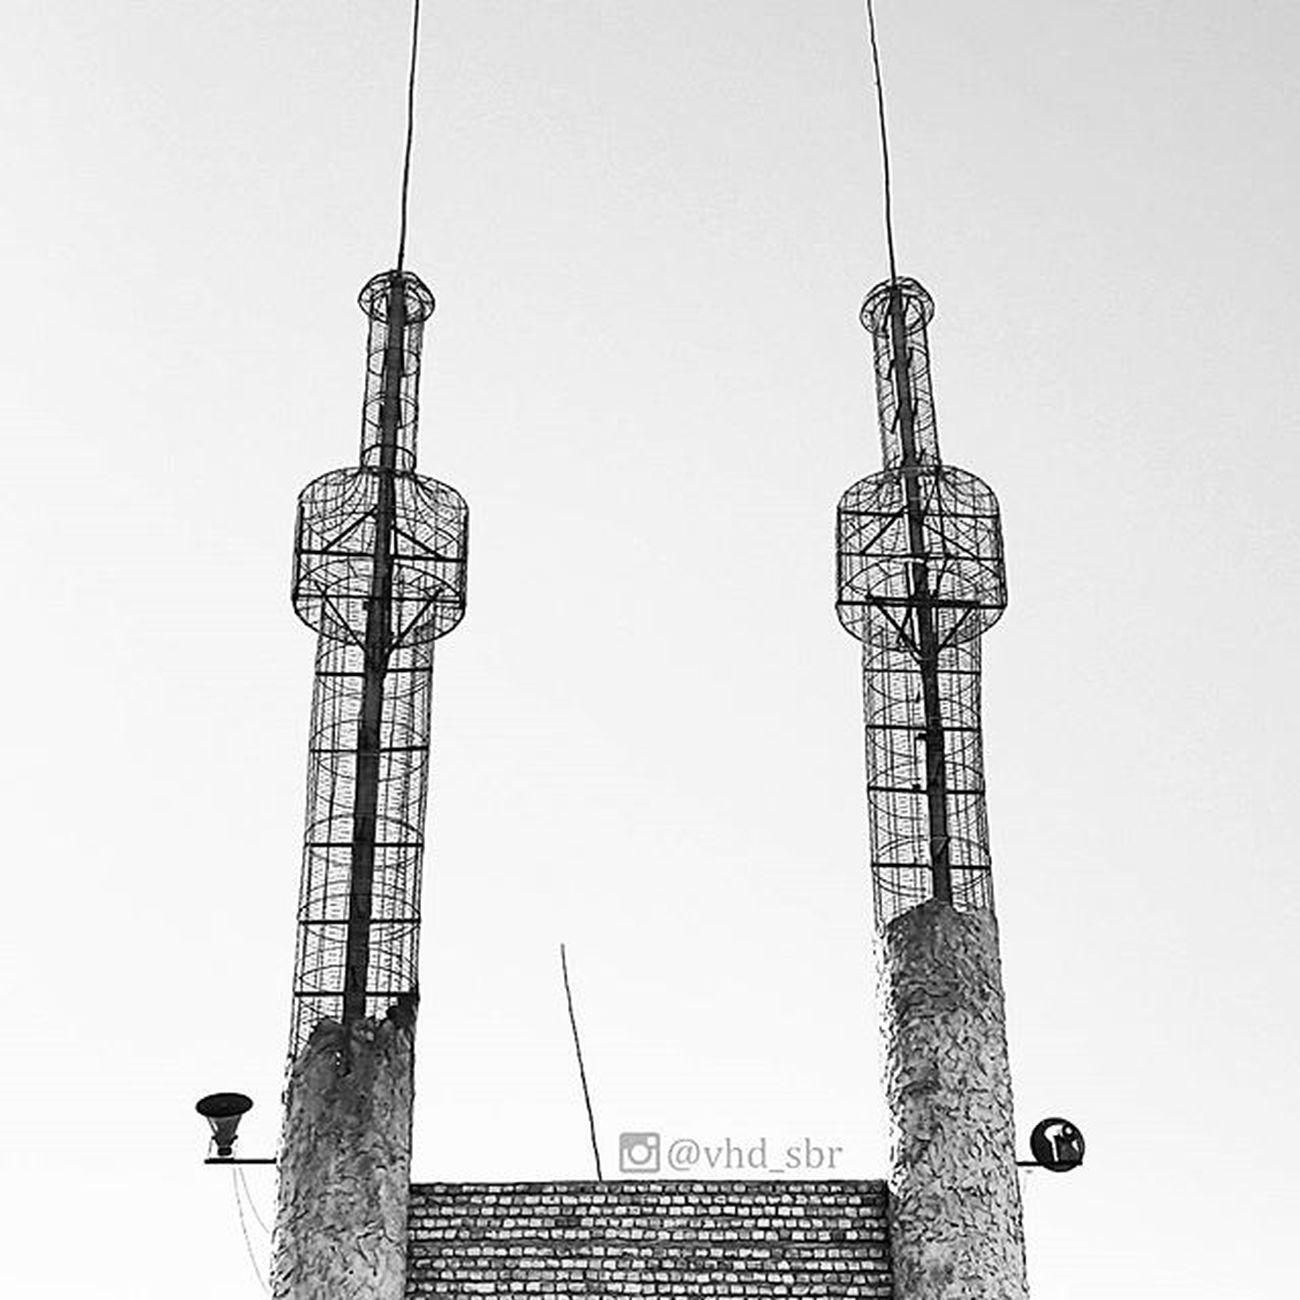 ▫ گلدسته هایی از جنس آسمان :))) . گلدسته مسجد آسمان  سیاه_سفید مناره بلندگو مسجدی_نزدیک_مشهد مشهد مینیمال؟